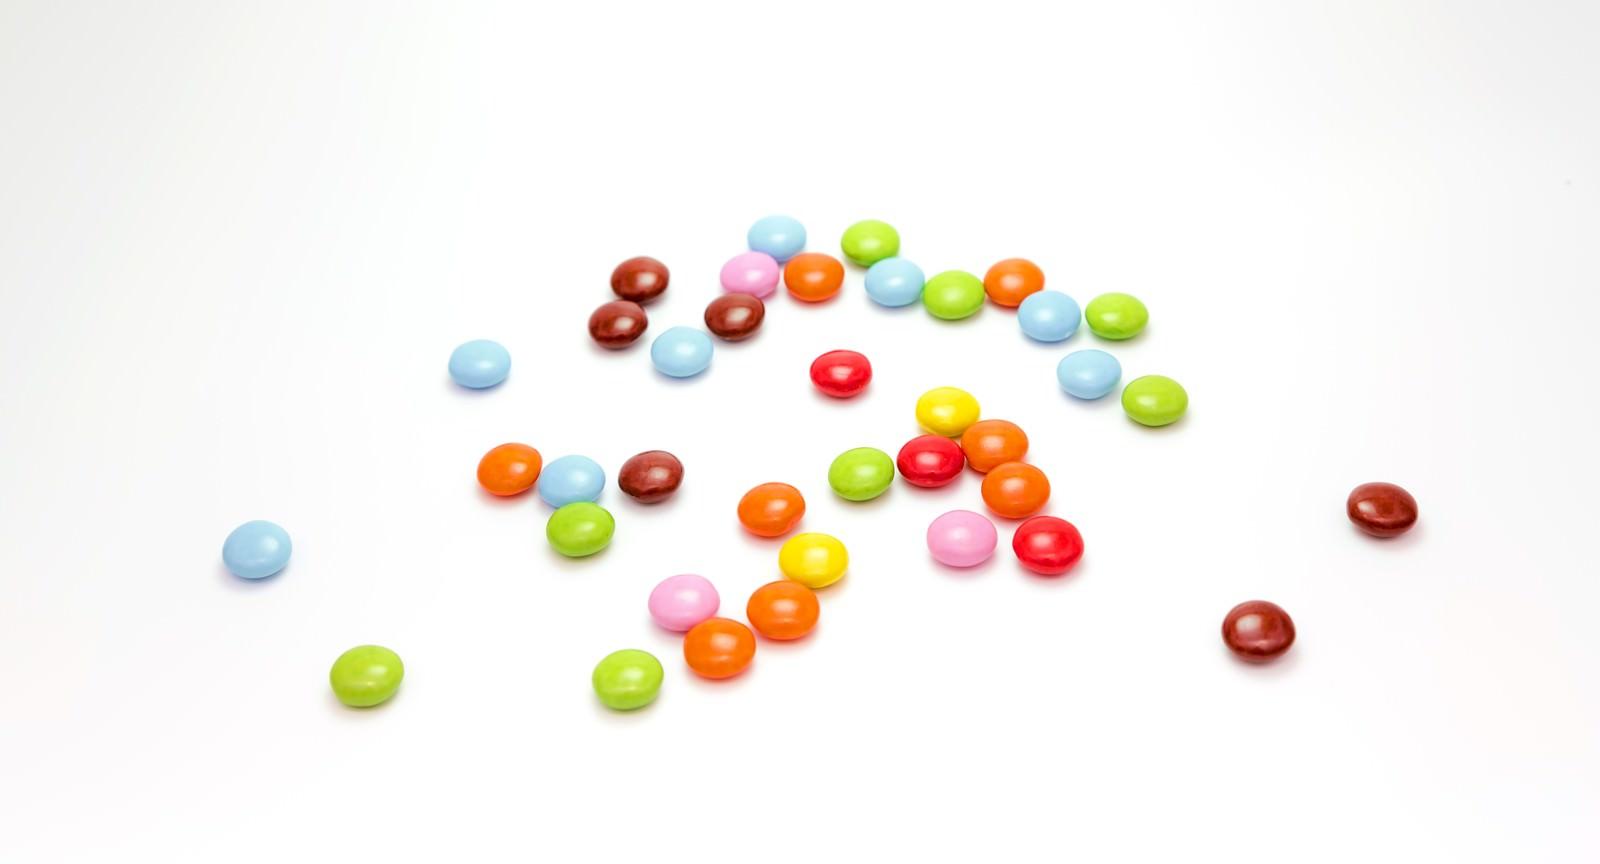 「散らばったマーブルチョコレート」の写真